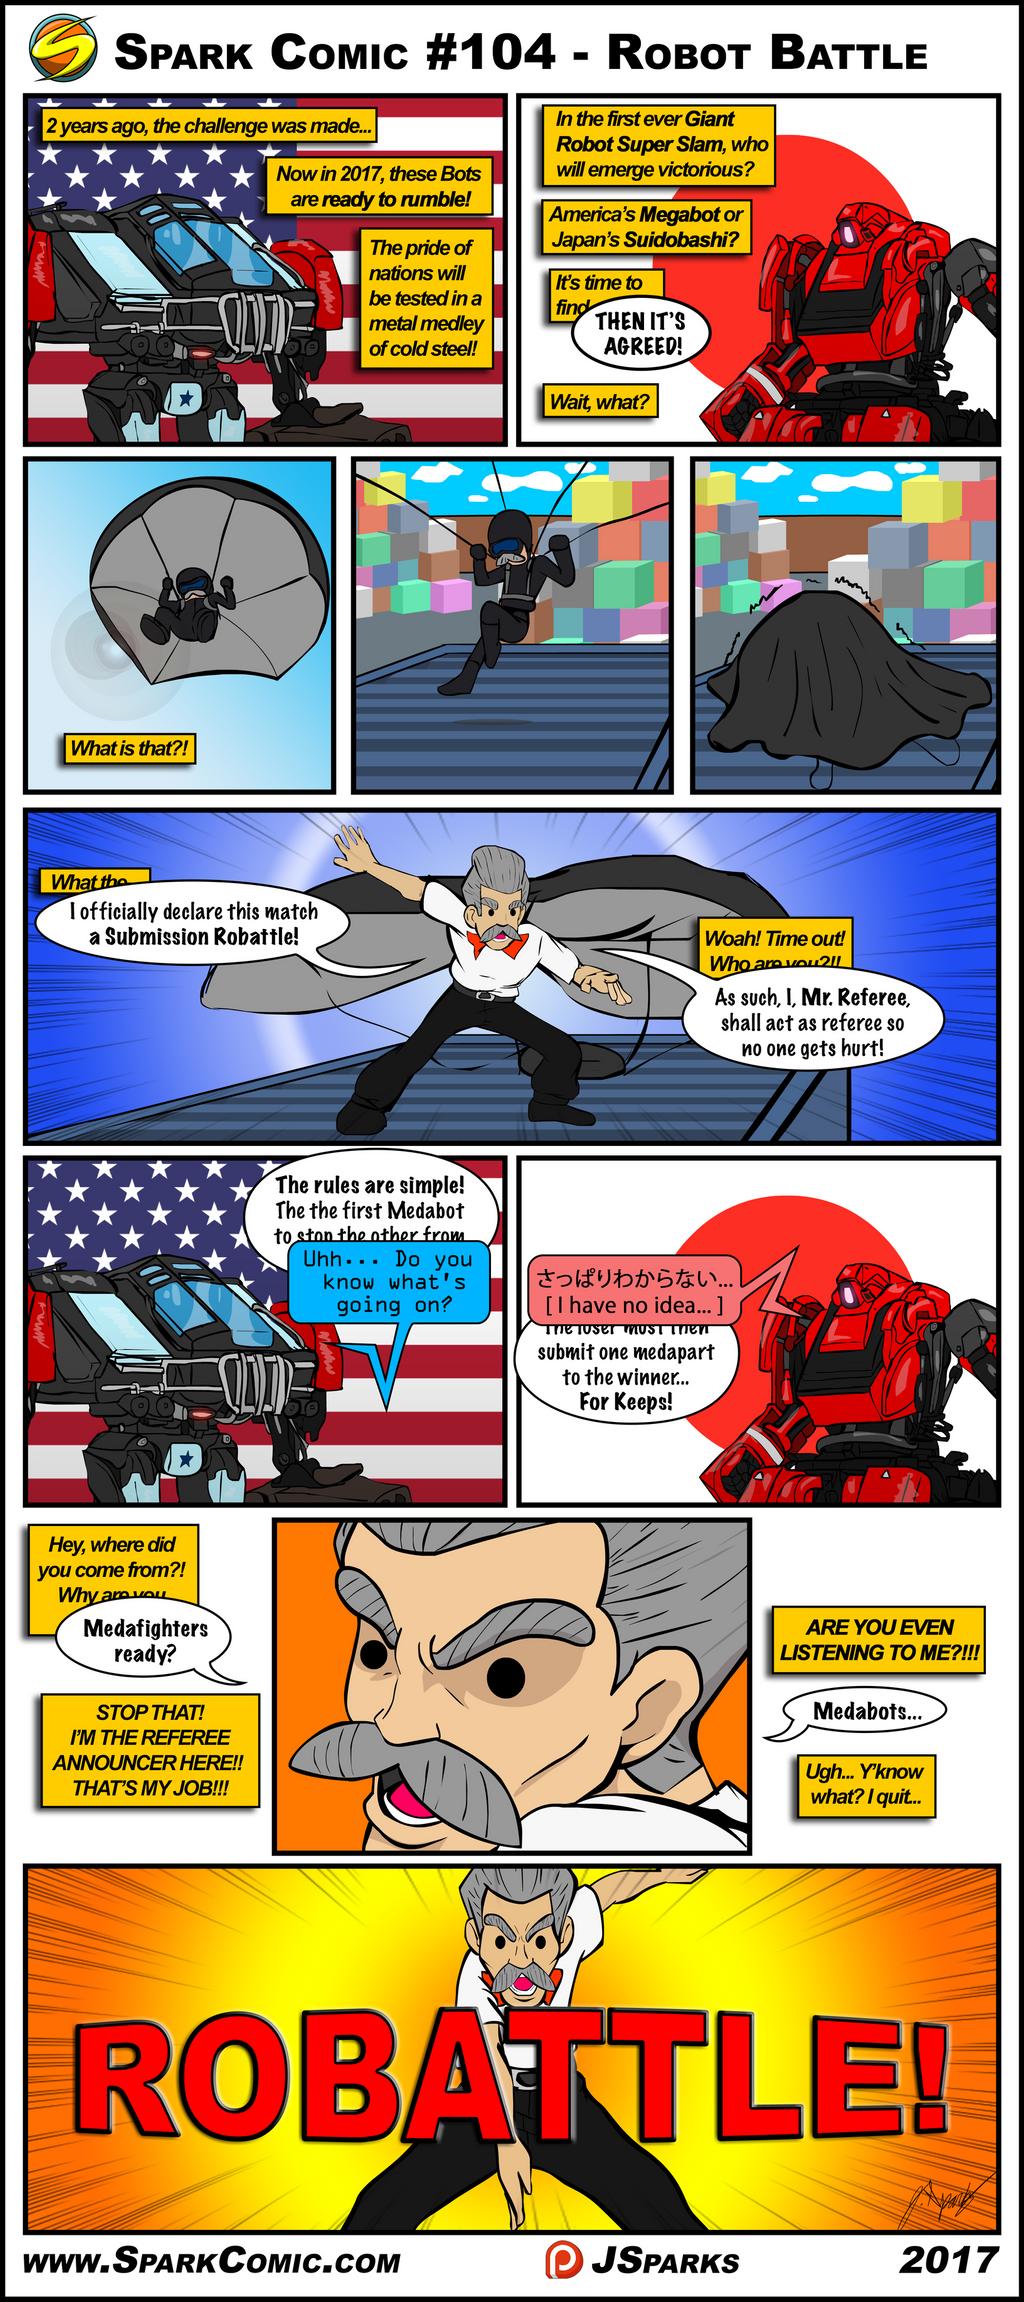 Spark Comic #104 - Robot Battle by SuperSparkplug